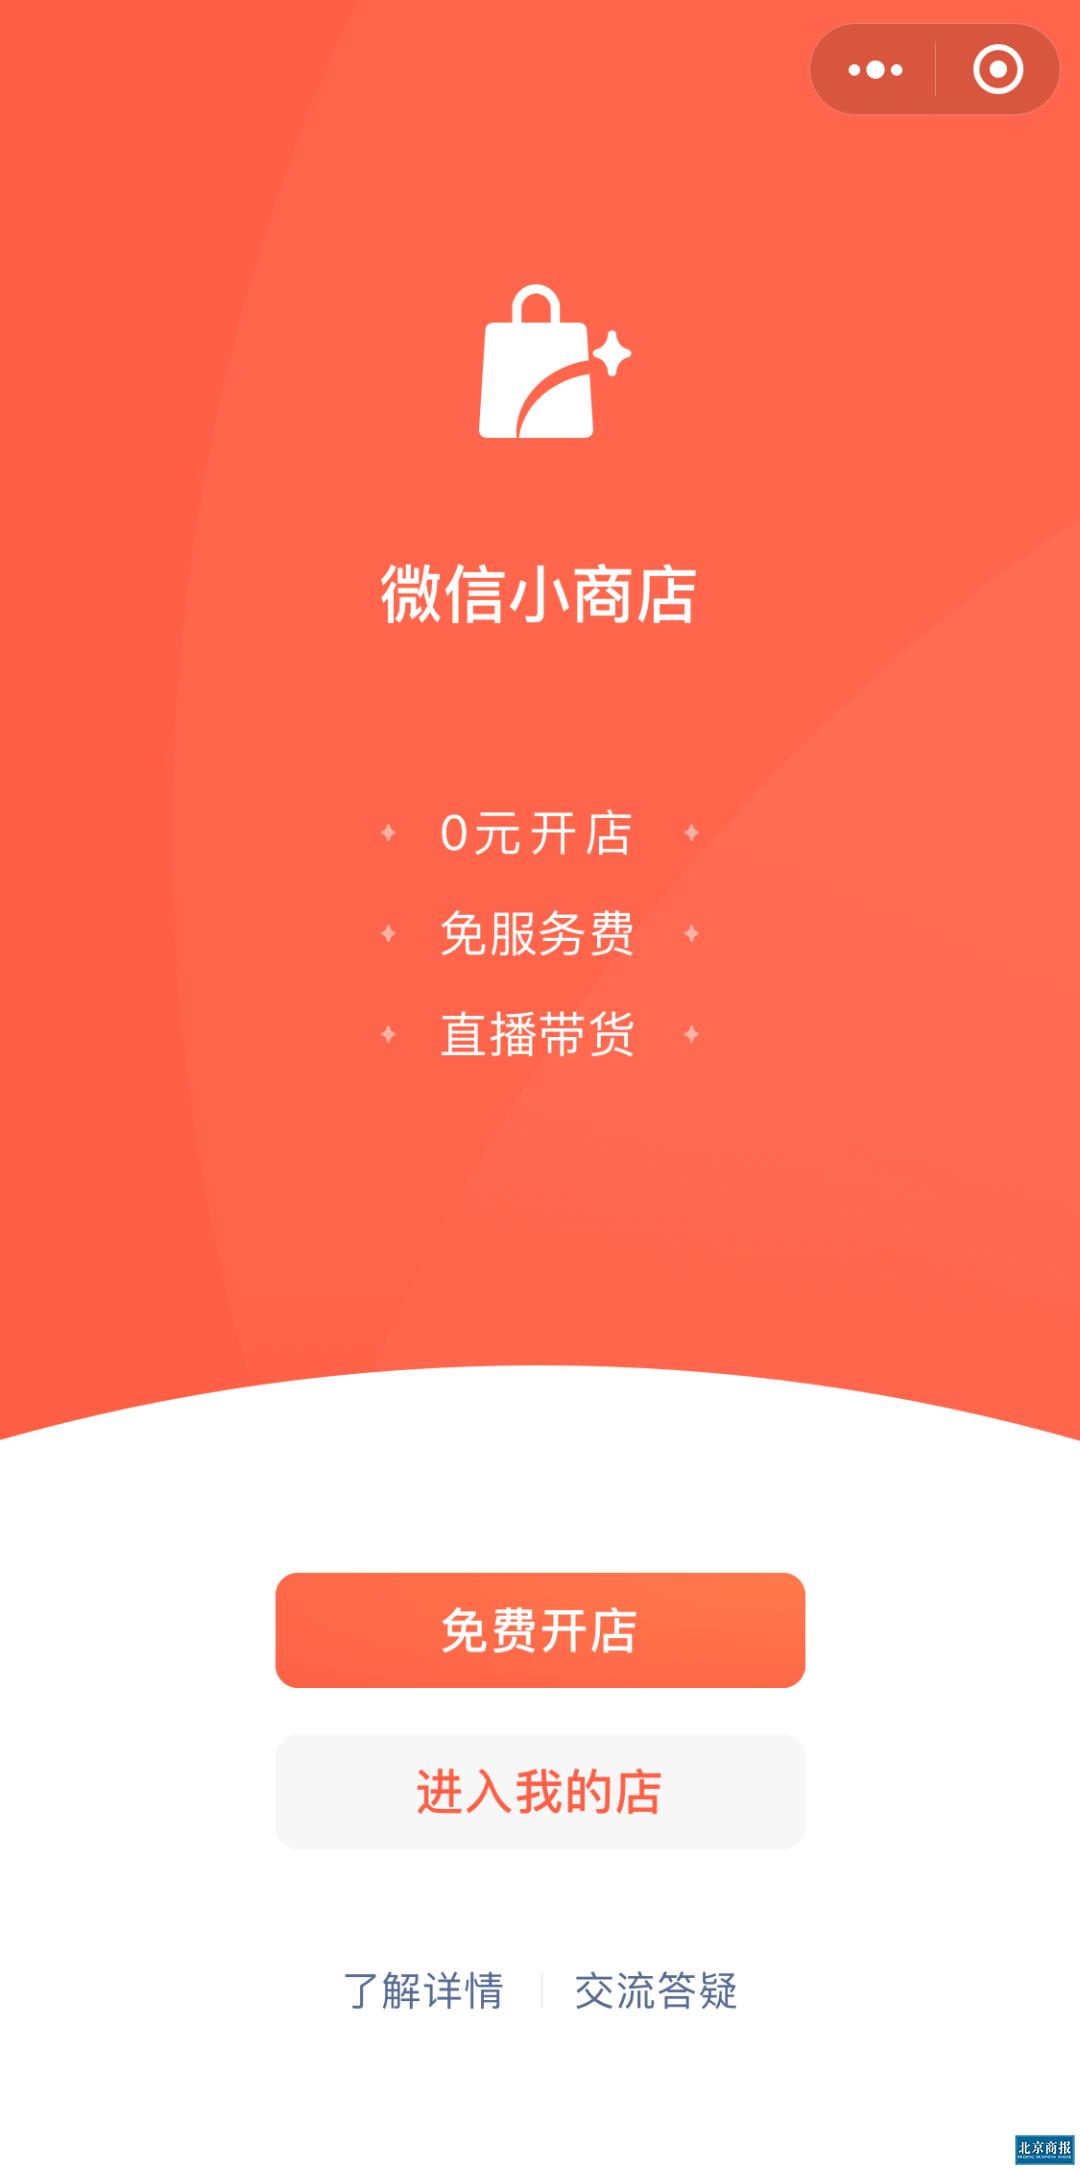 微信小商店正式上线,未来个人也可免服务费开店